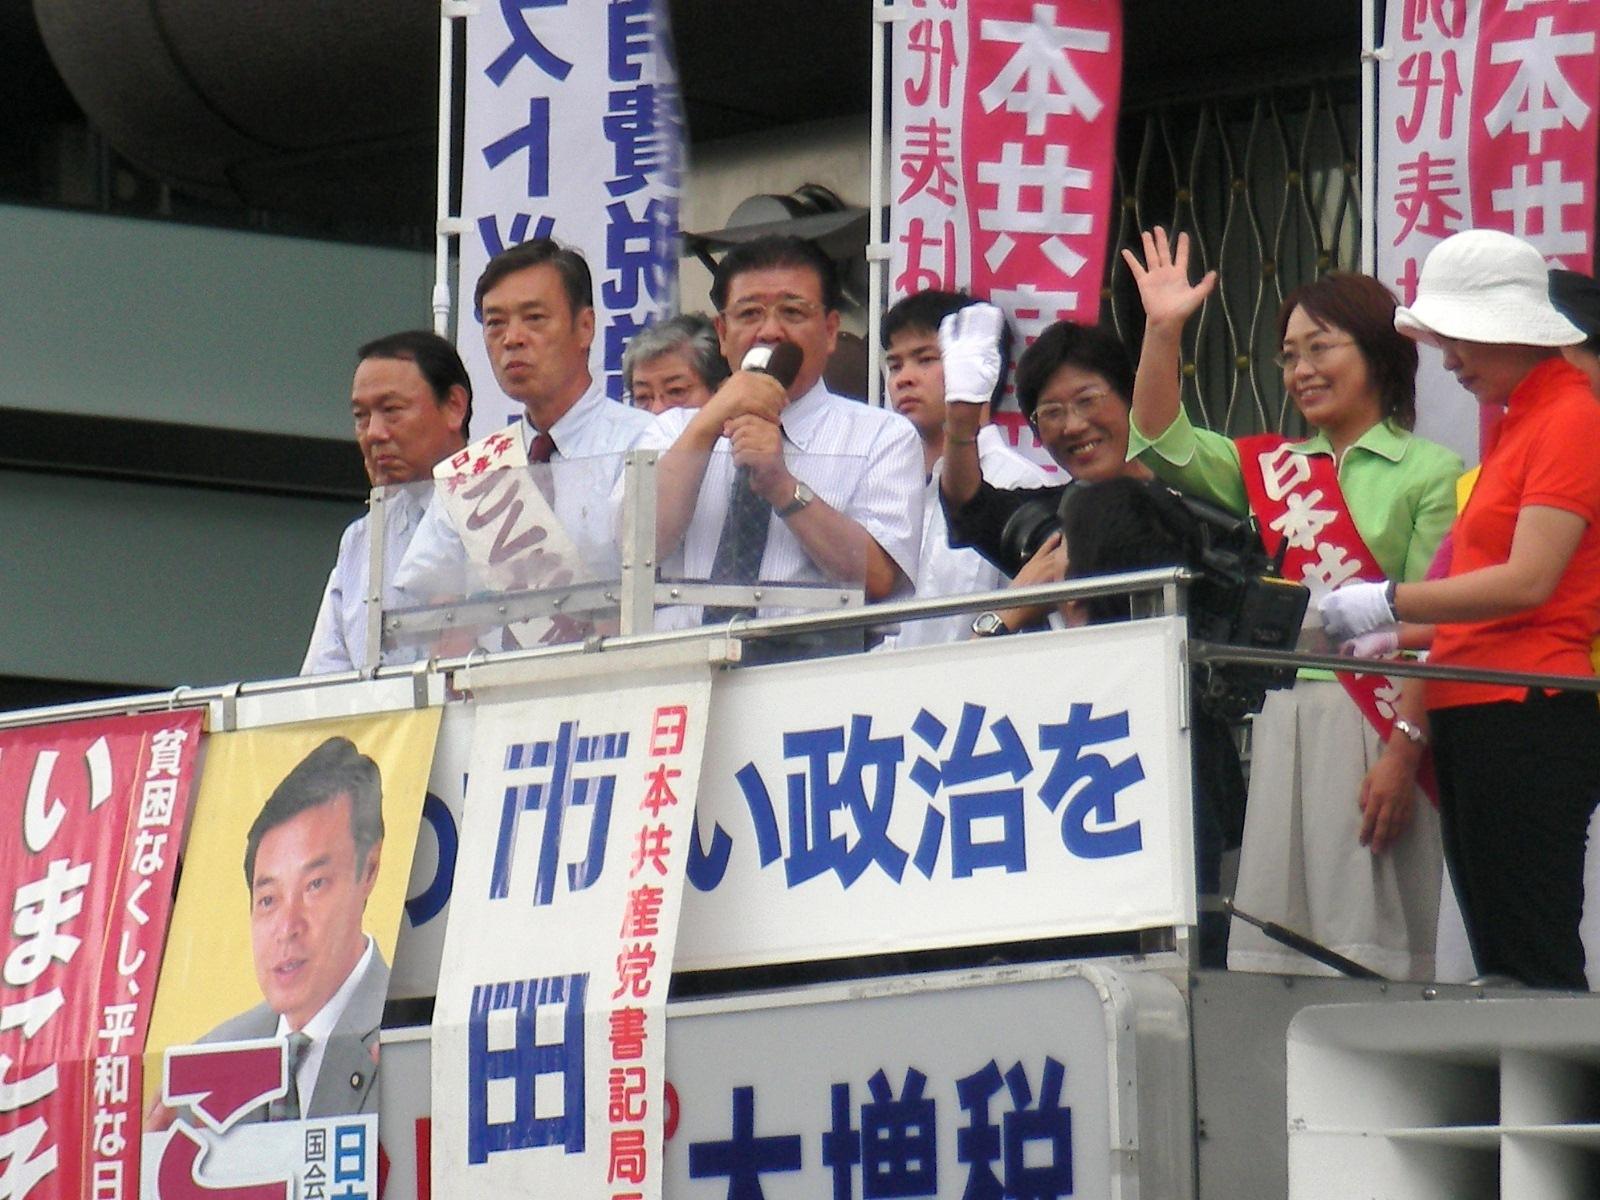 京都タワー前で演説